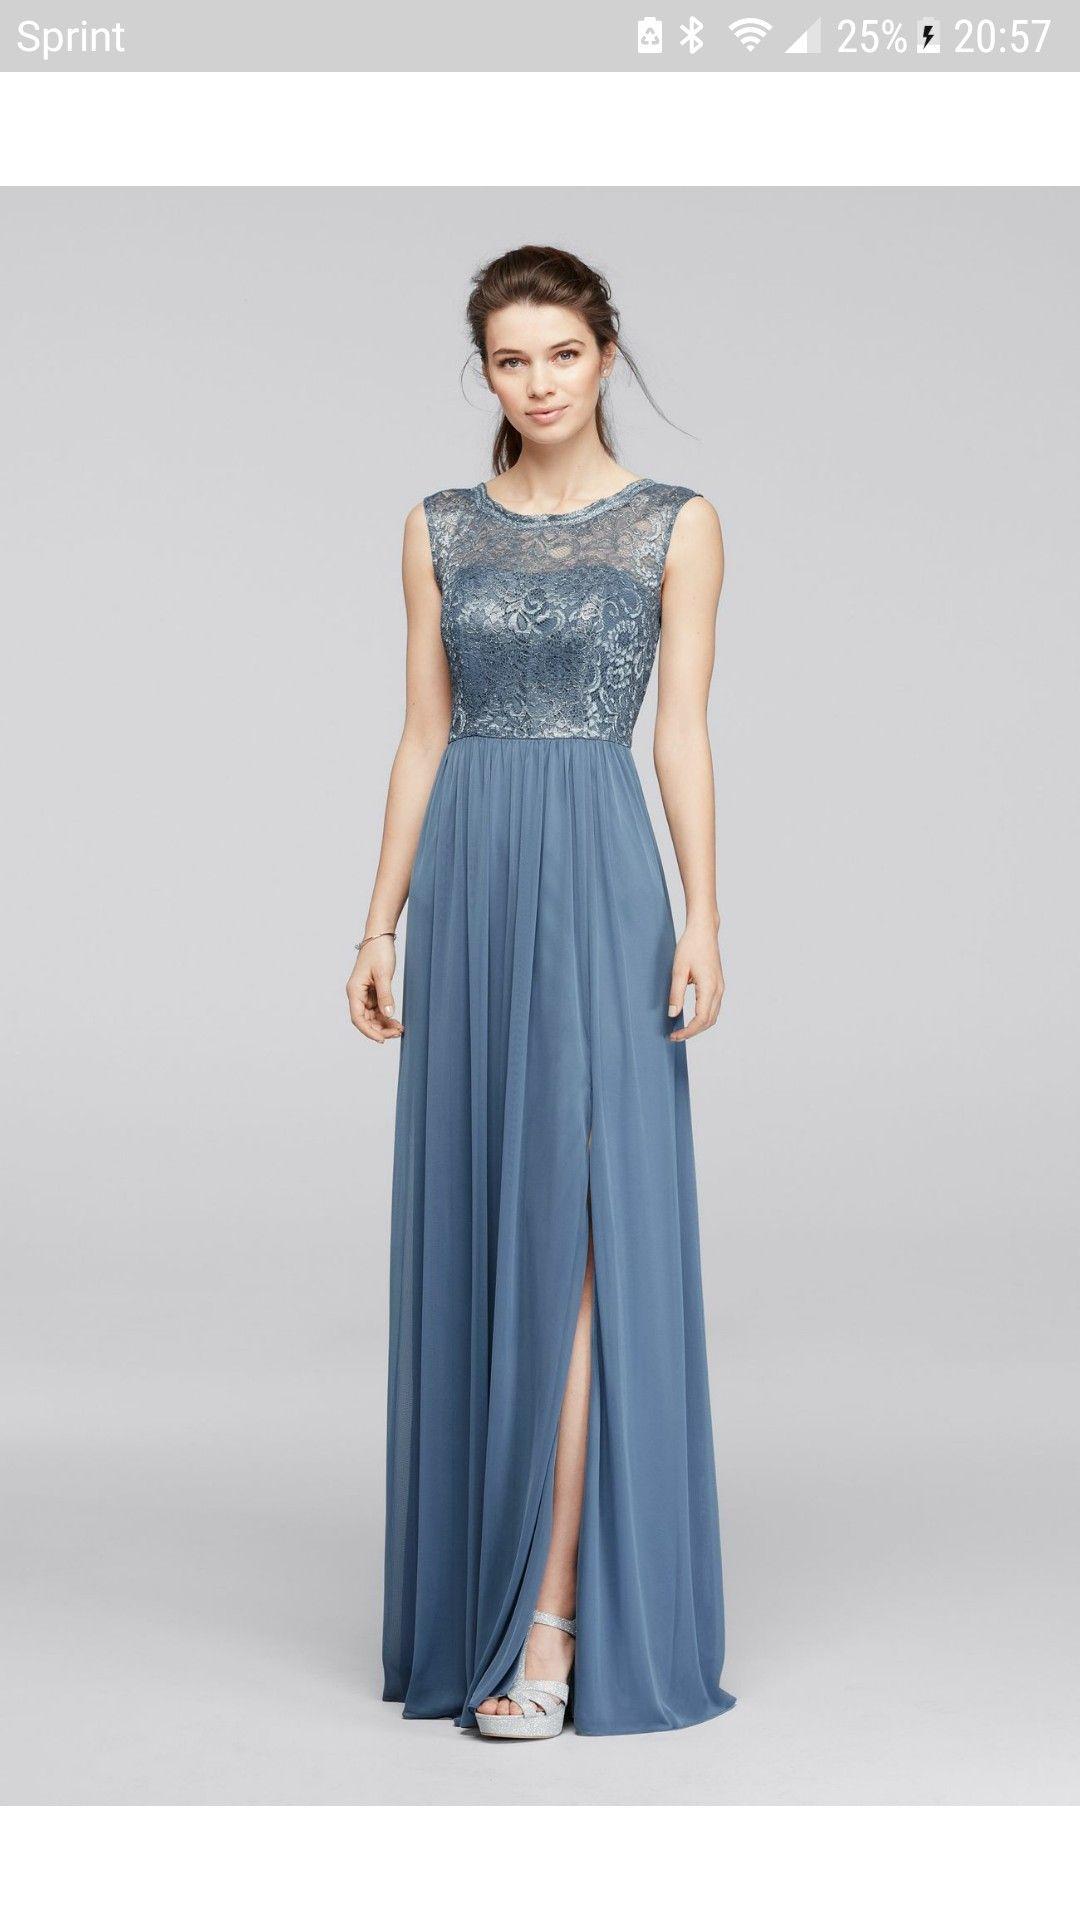 Steel Blue Bridesmaid Dresses | Steel Blue Metallic Wedding Planning Bridesmaid Dresses